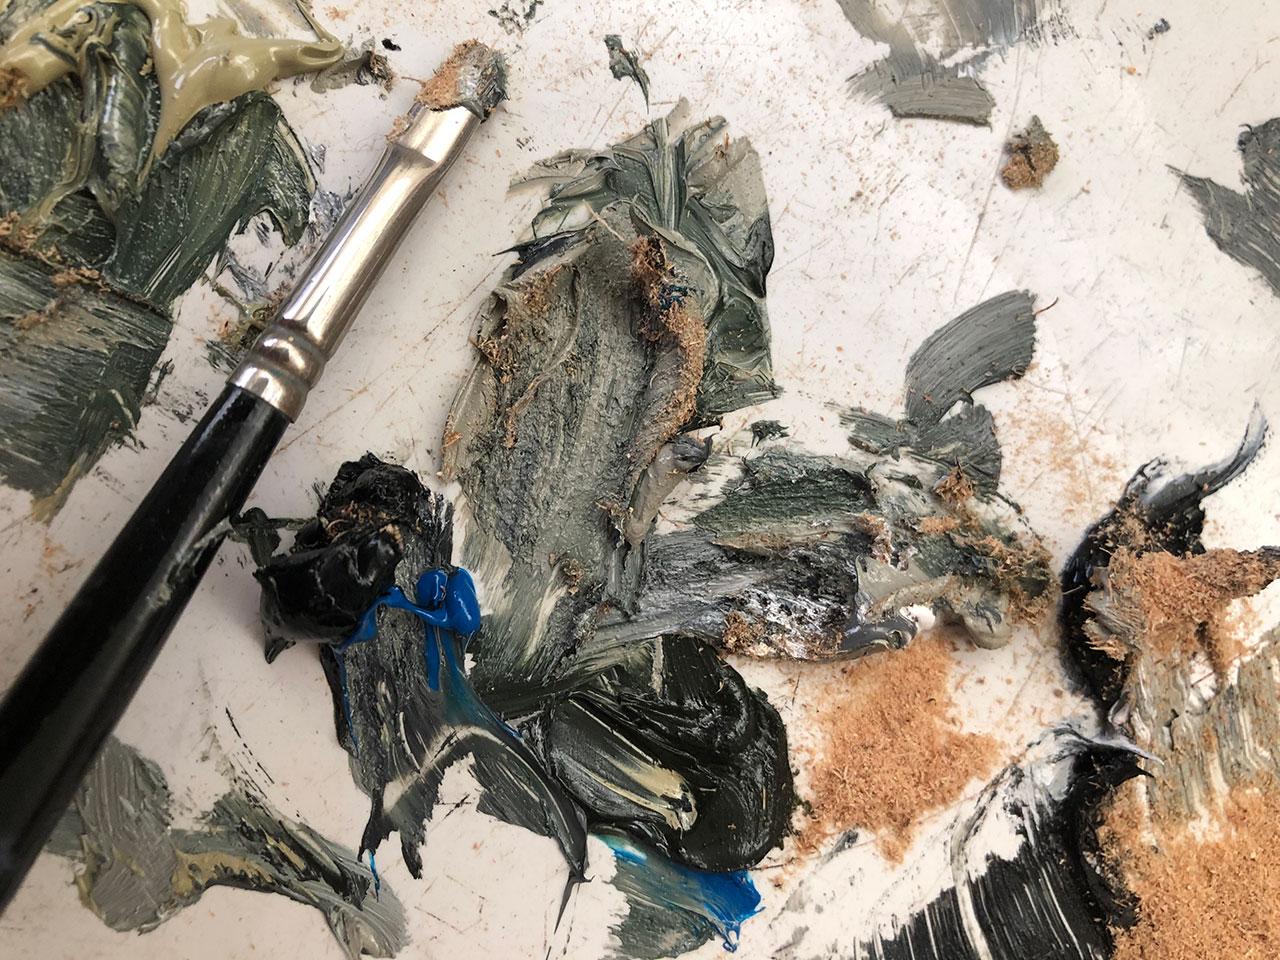 La palette d'artiste de Chris Calle montrant la sciure d'un arbre lunaire Apollo 14 mélangée à ses peintures à l'huile